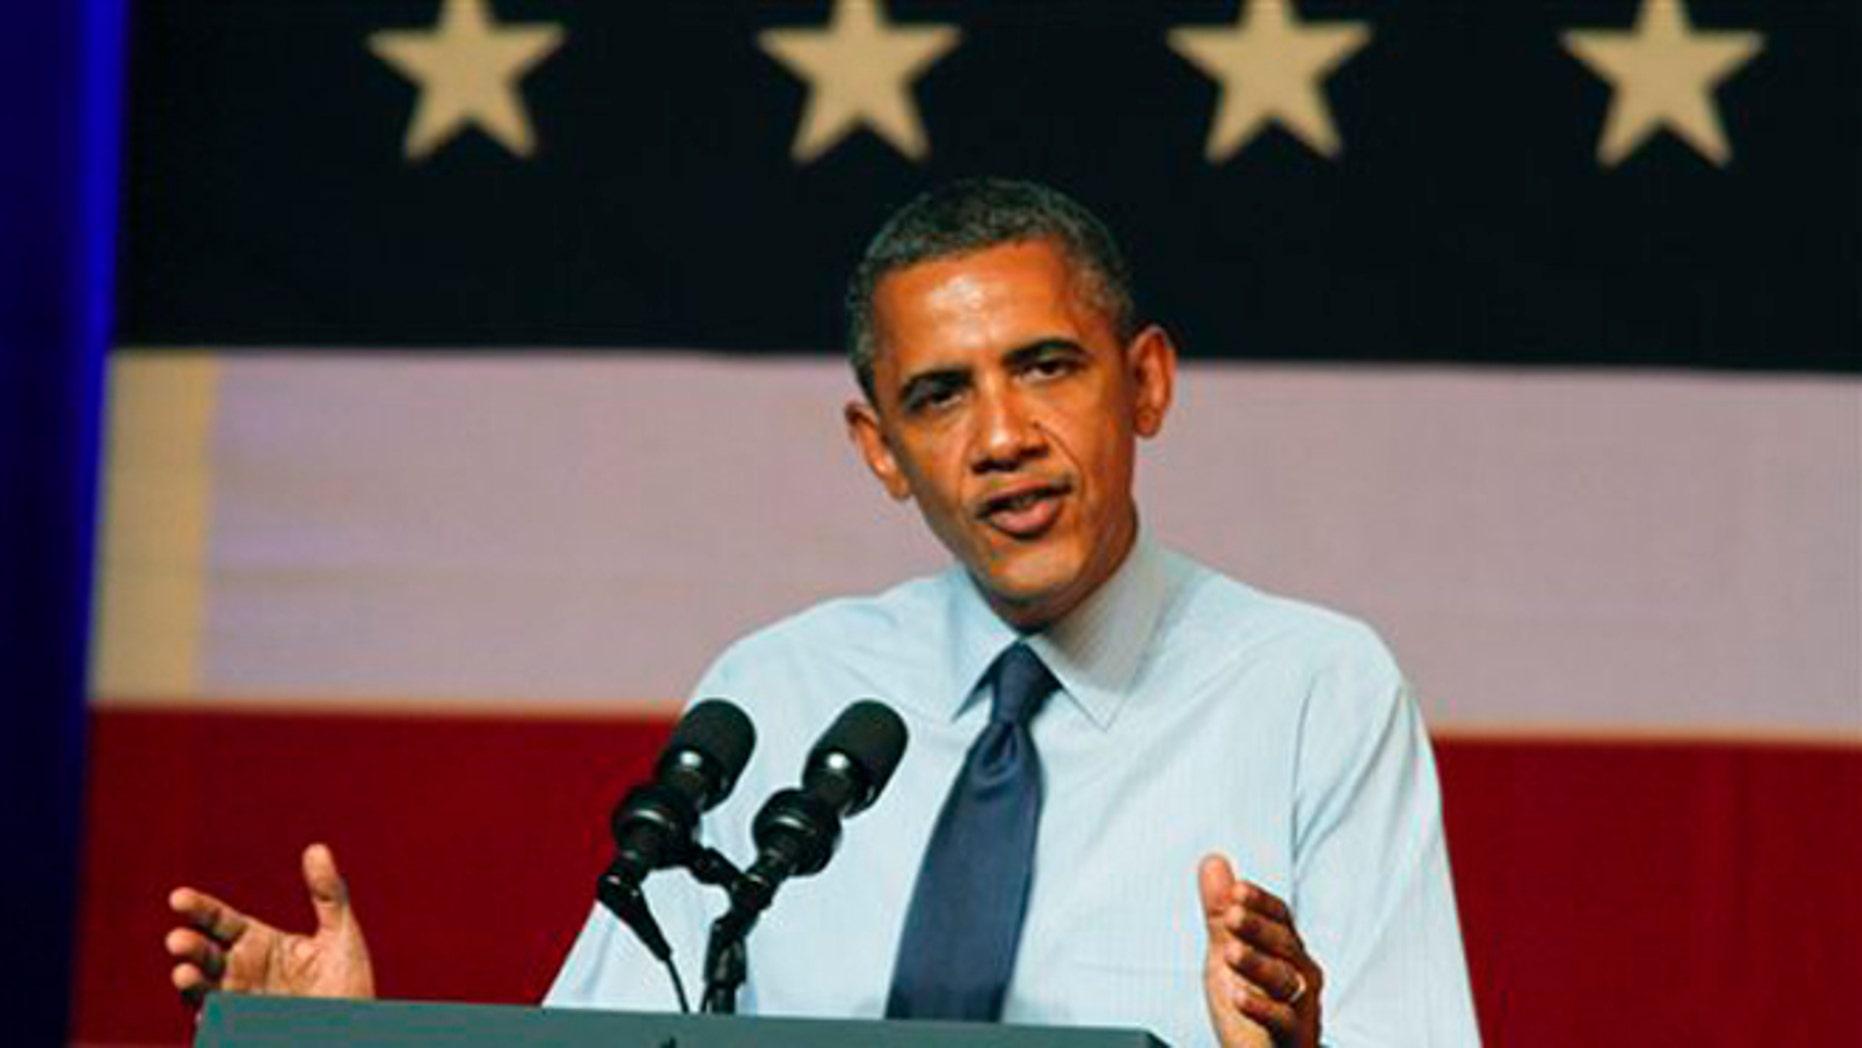 El presidente Barack Obama habla en un acto proselitista en Austin, Texas, el 17 de julio del 2012. El 18 de julio, su gobierno reveló el plan de crear un cuerpo de elite de maestros, en un esfuerzo de 1.000 millones de dólares para mejorar los logros de los estudiantes en ciencias, tecnología, ingeniería y matemáticas (AP Foto/Jack Plunkett)